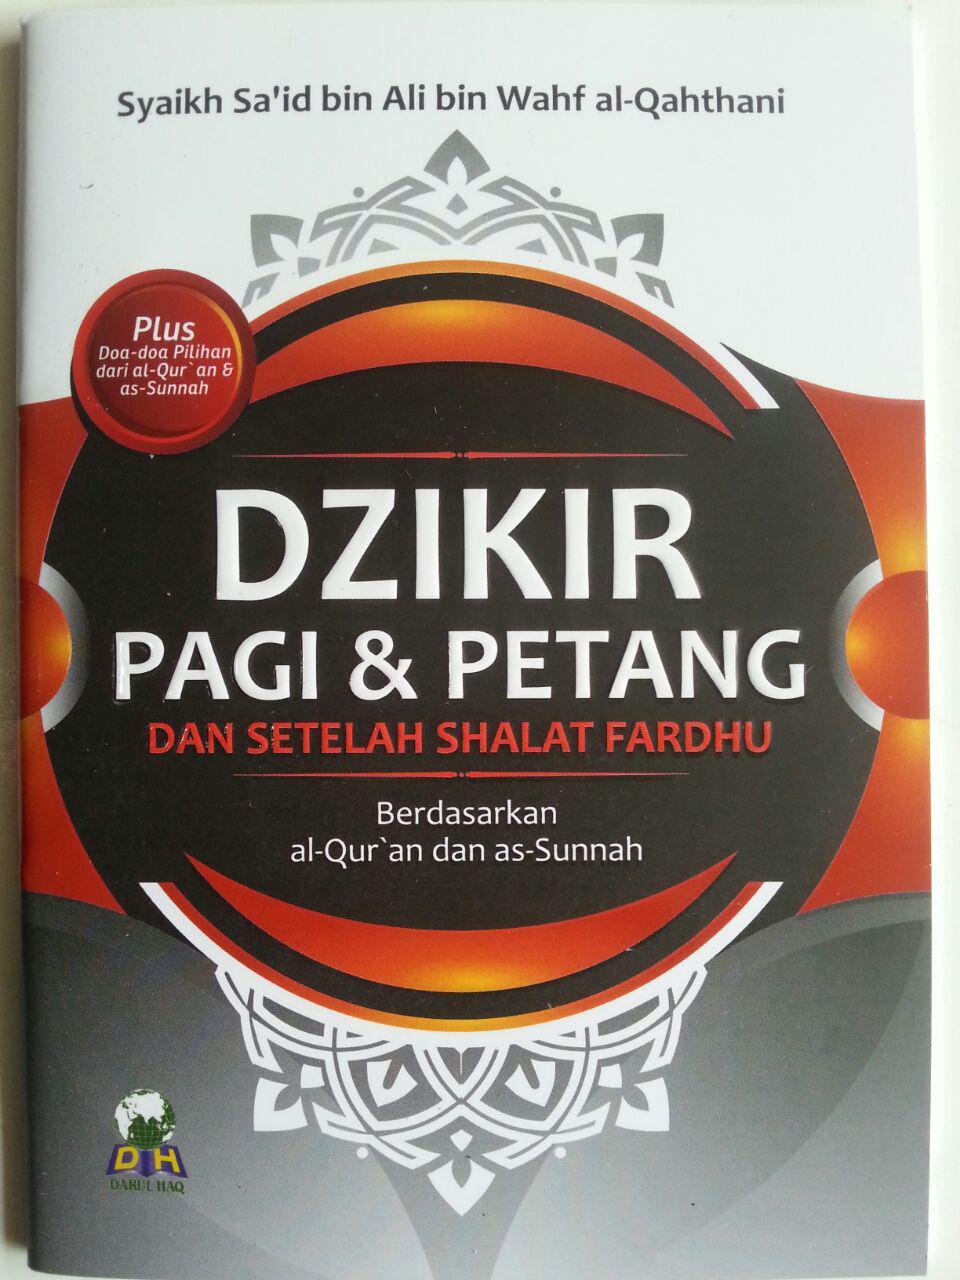 Buku Dzikir Pagi Dan Petang Dan Setelah Shalat Fardhu cover 2